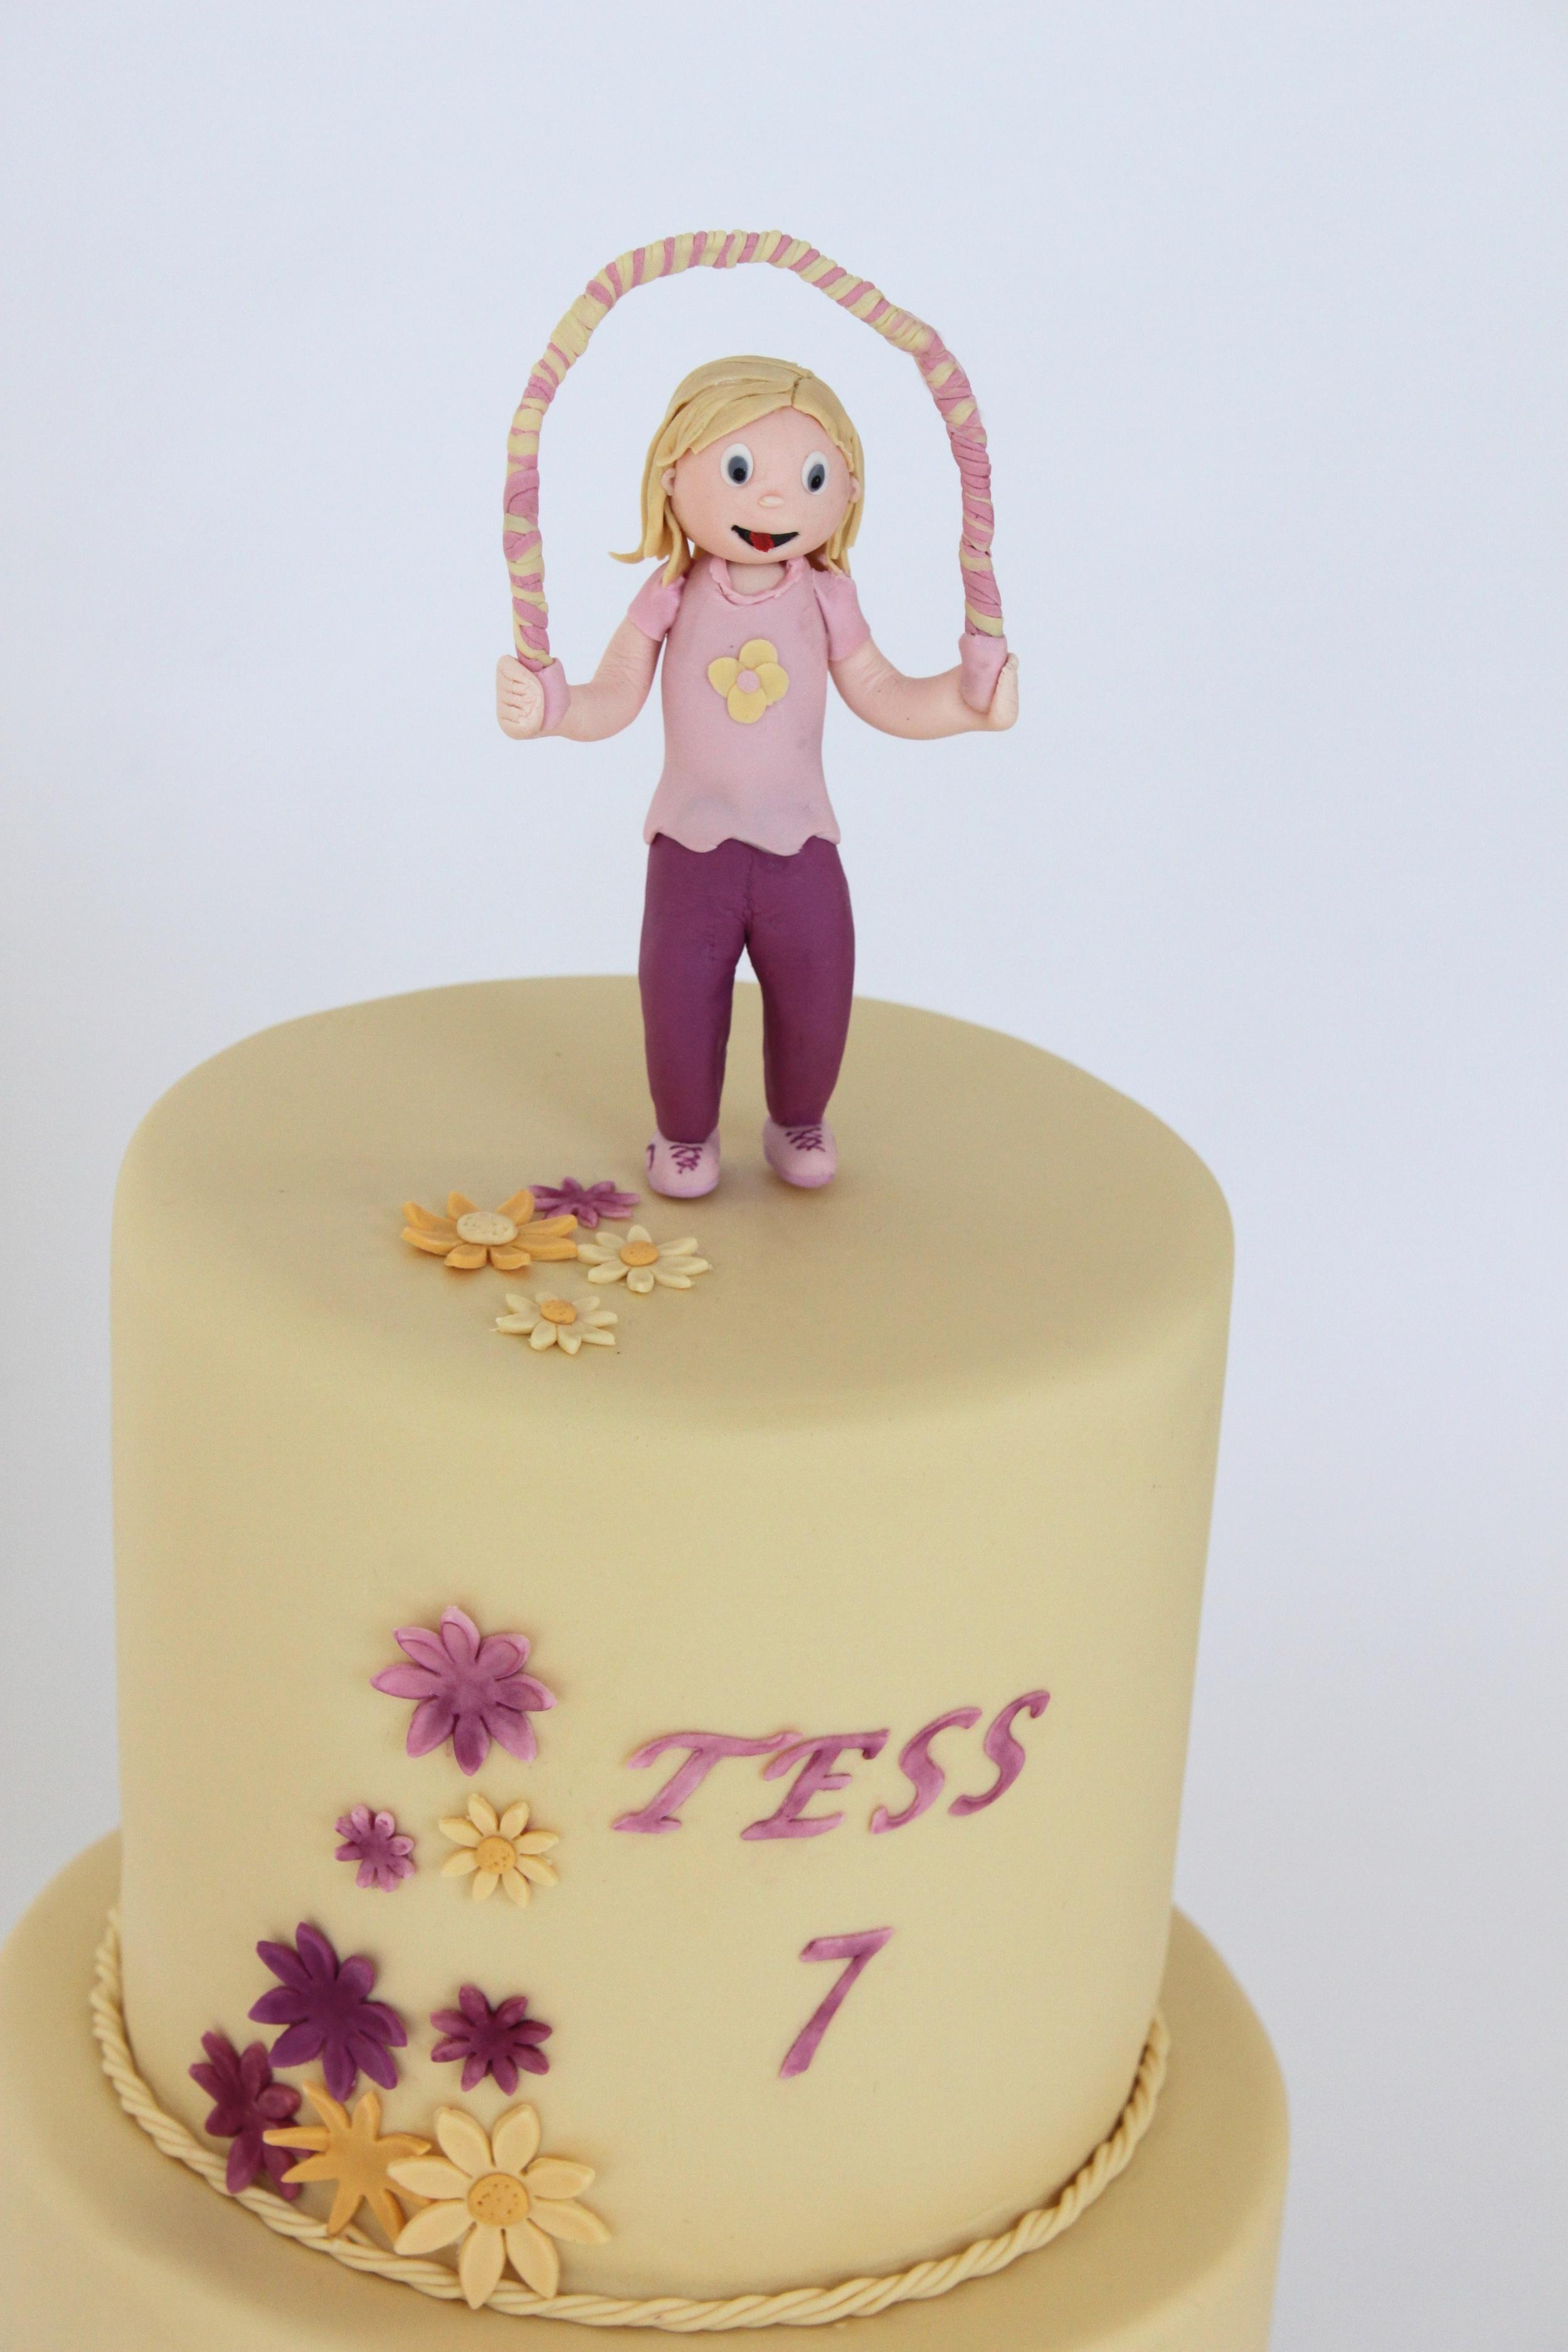 spring jump rope cake figure 8948.jpg